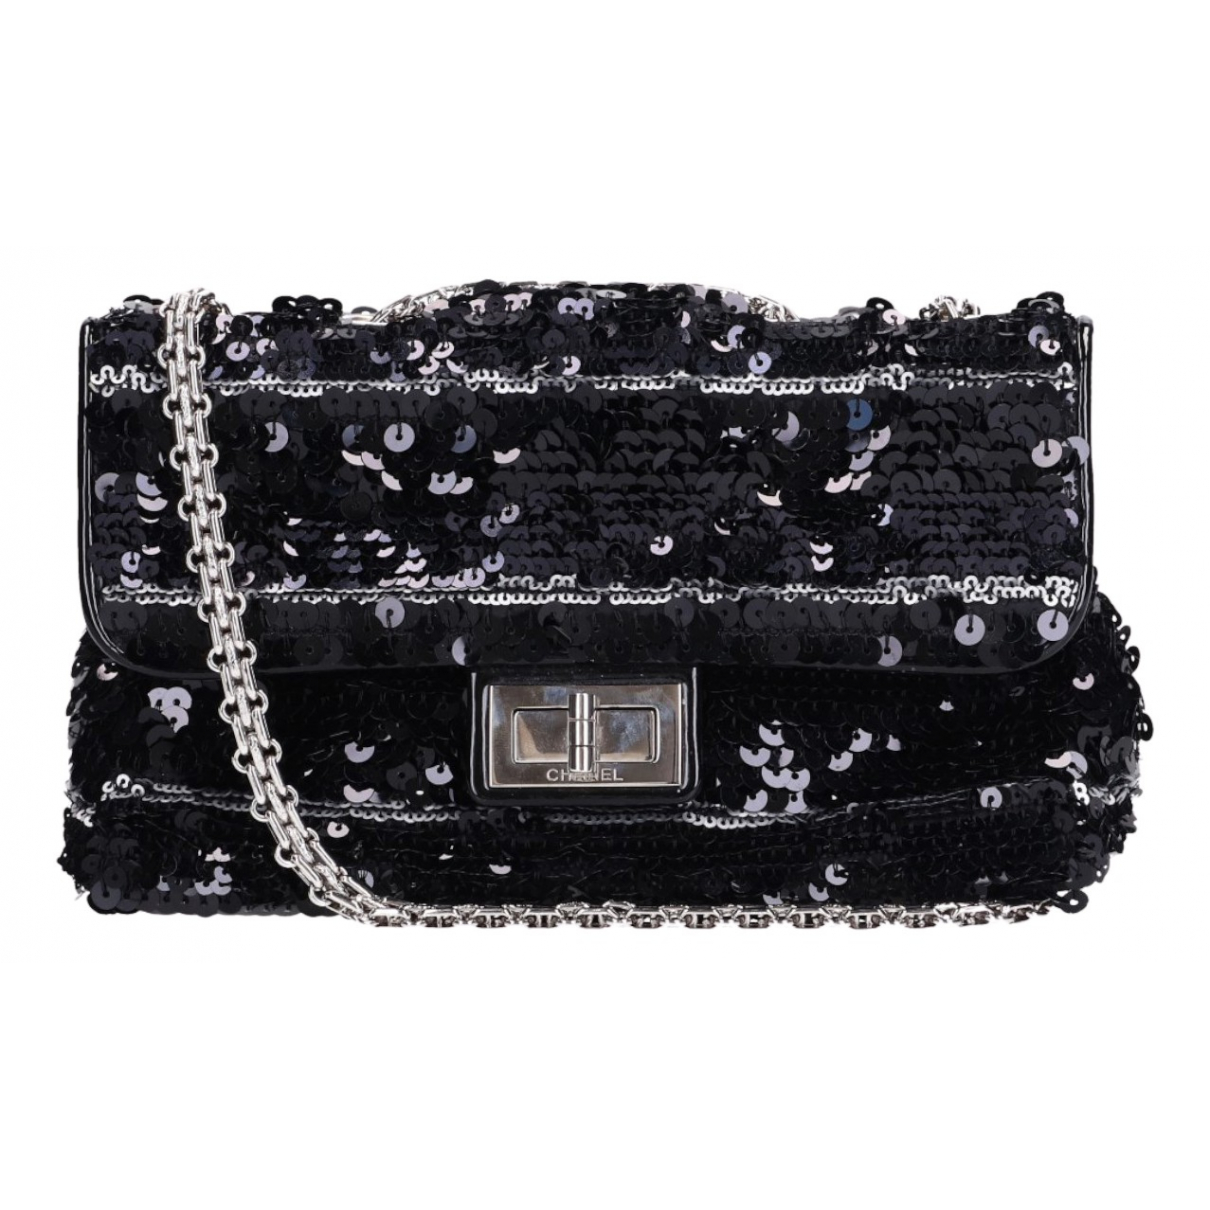 Chanel 2.55 Handtasche in  Marine Mit Pailletten